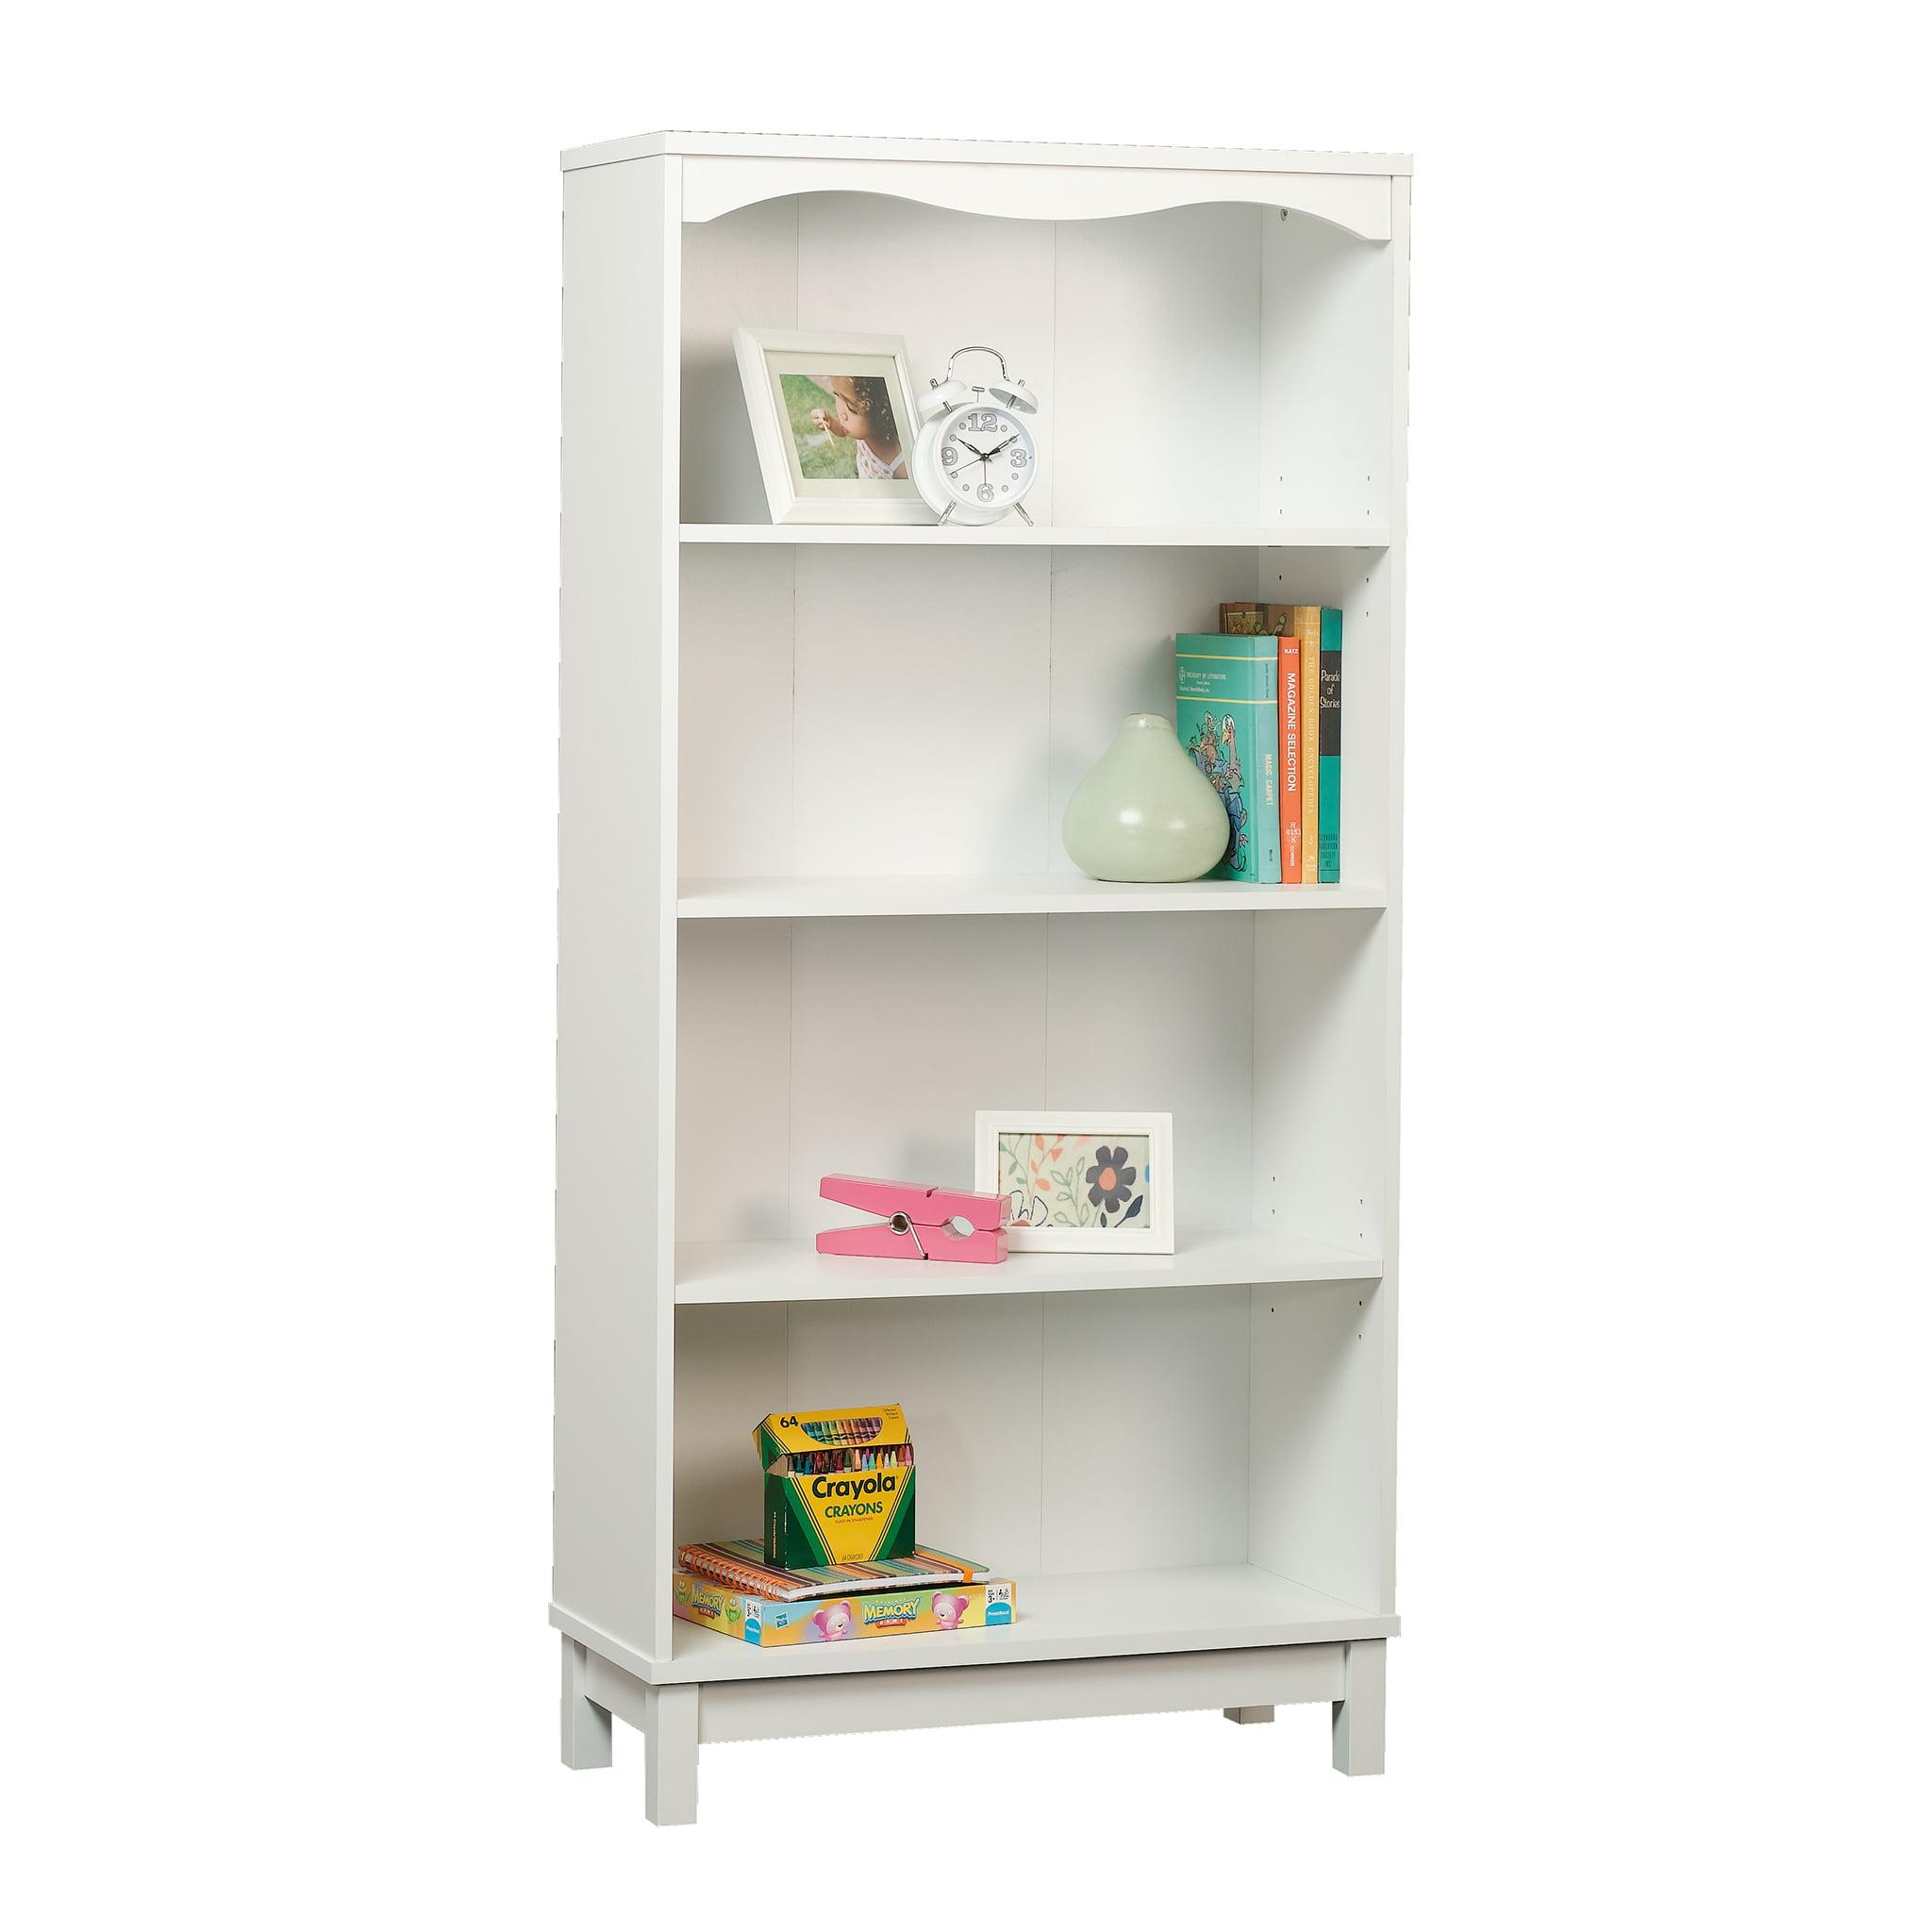 Product Image Sauder Storybook Kids Bookcase Soft White Finish